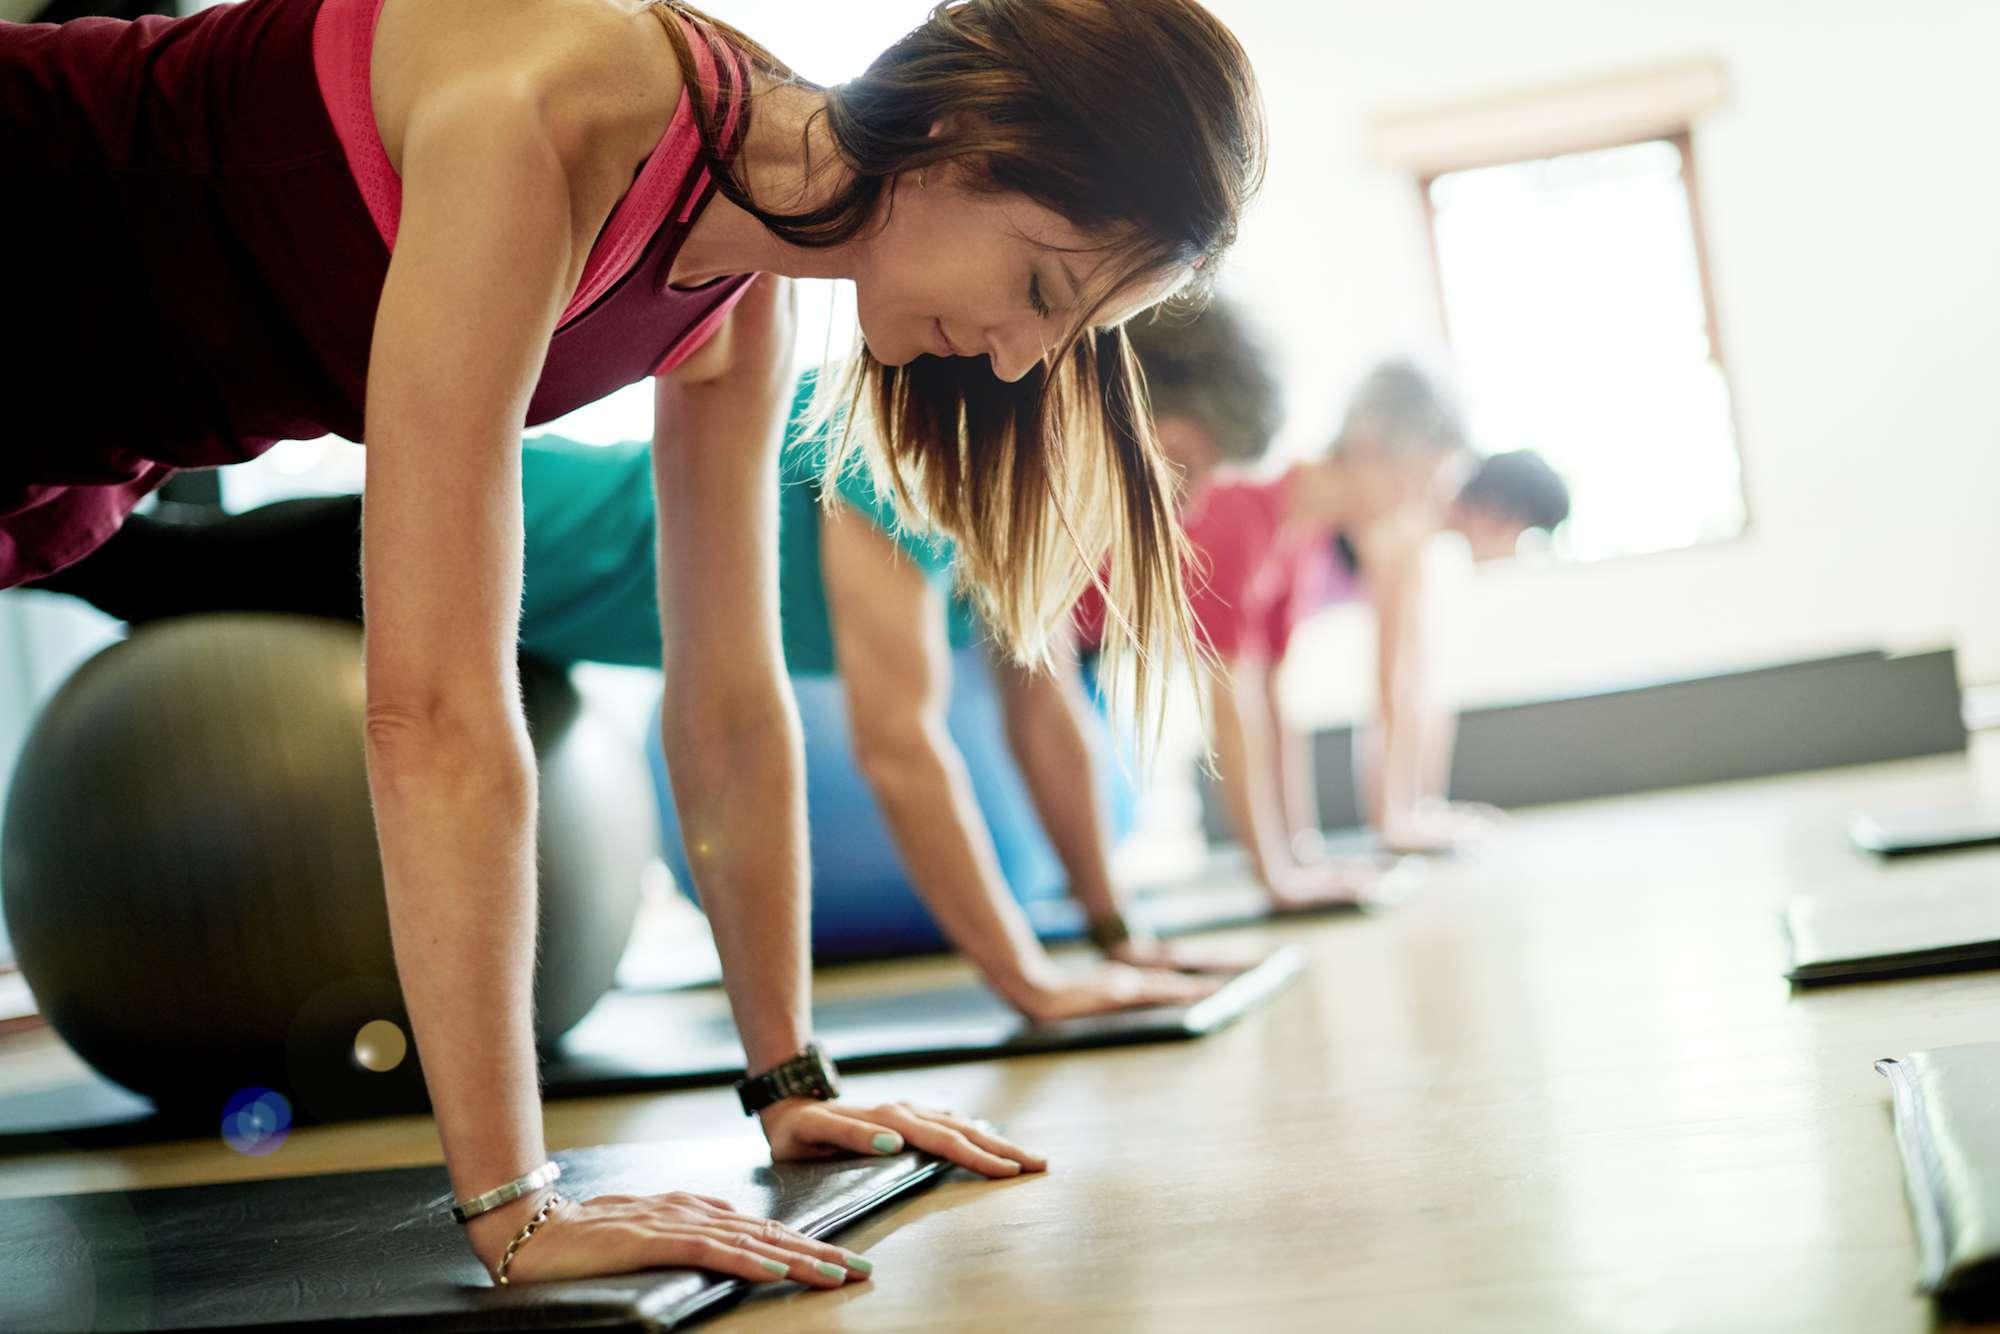 Pilates on a rubber mat